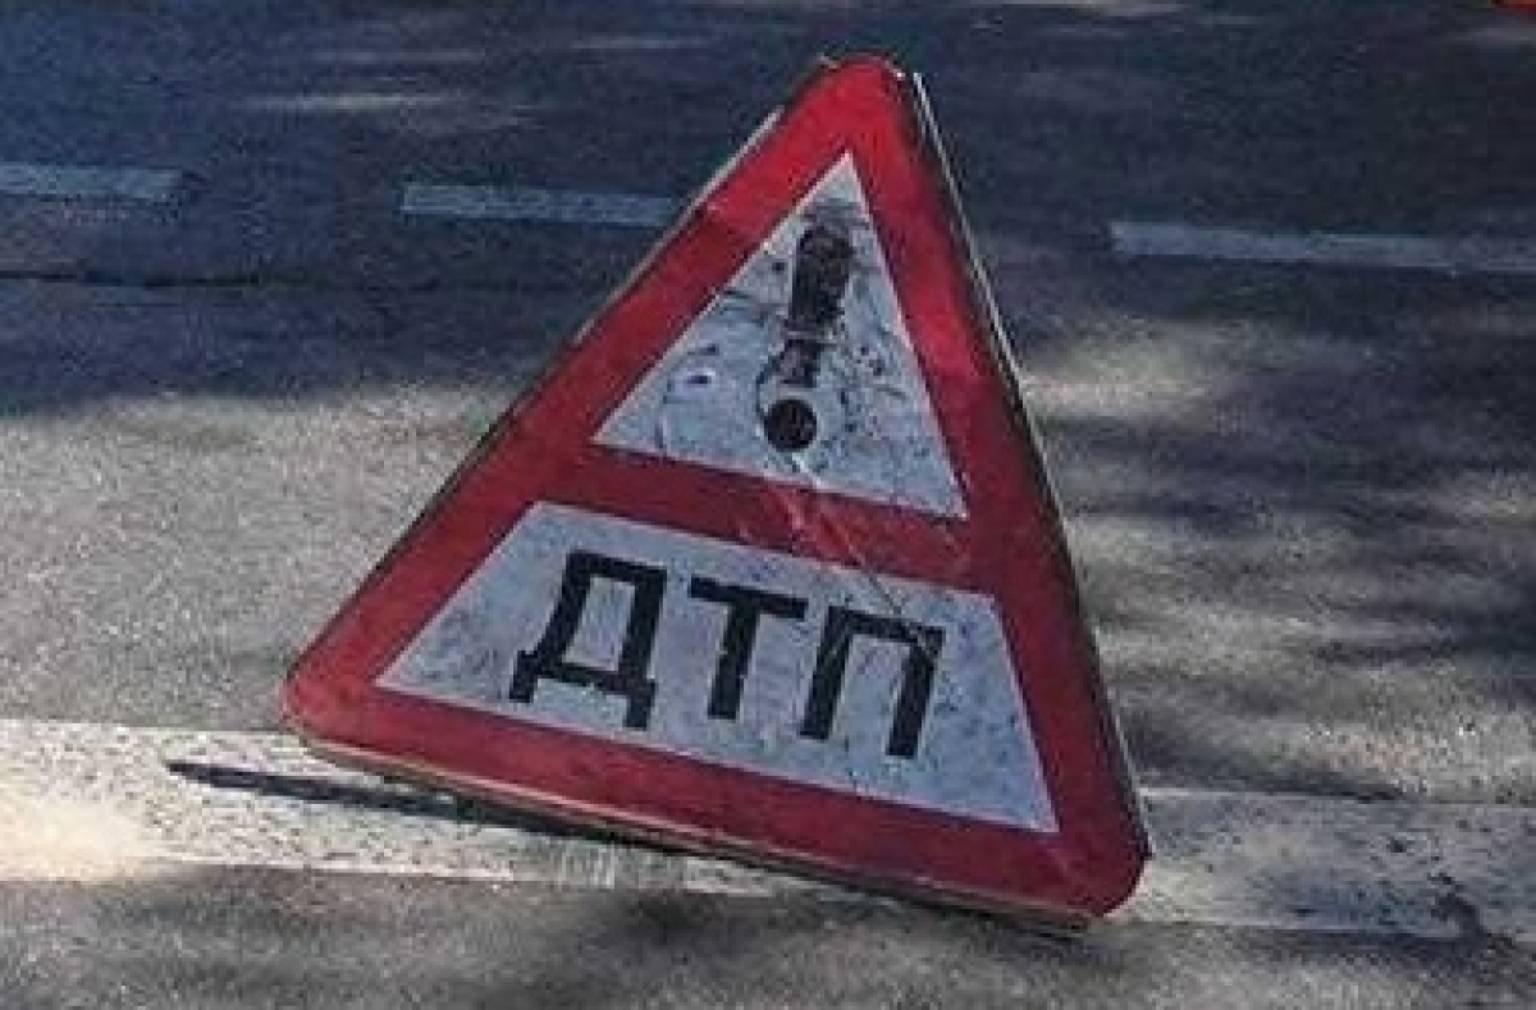 Два человека пострадали в ДТП из-за пьяного водителя грузовика под Архызом